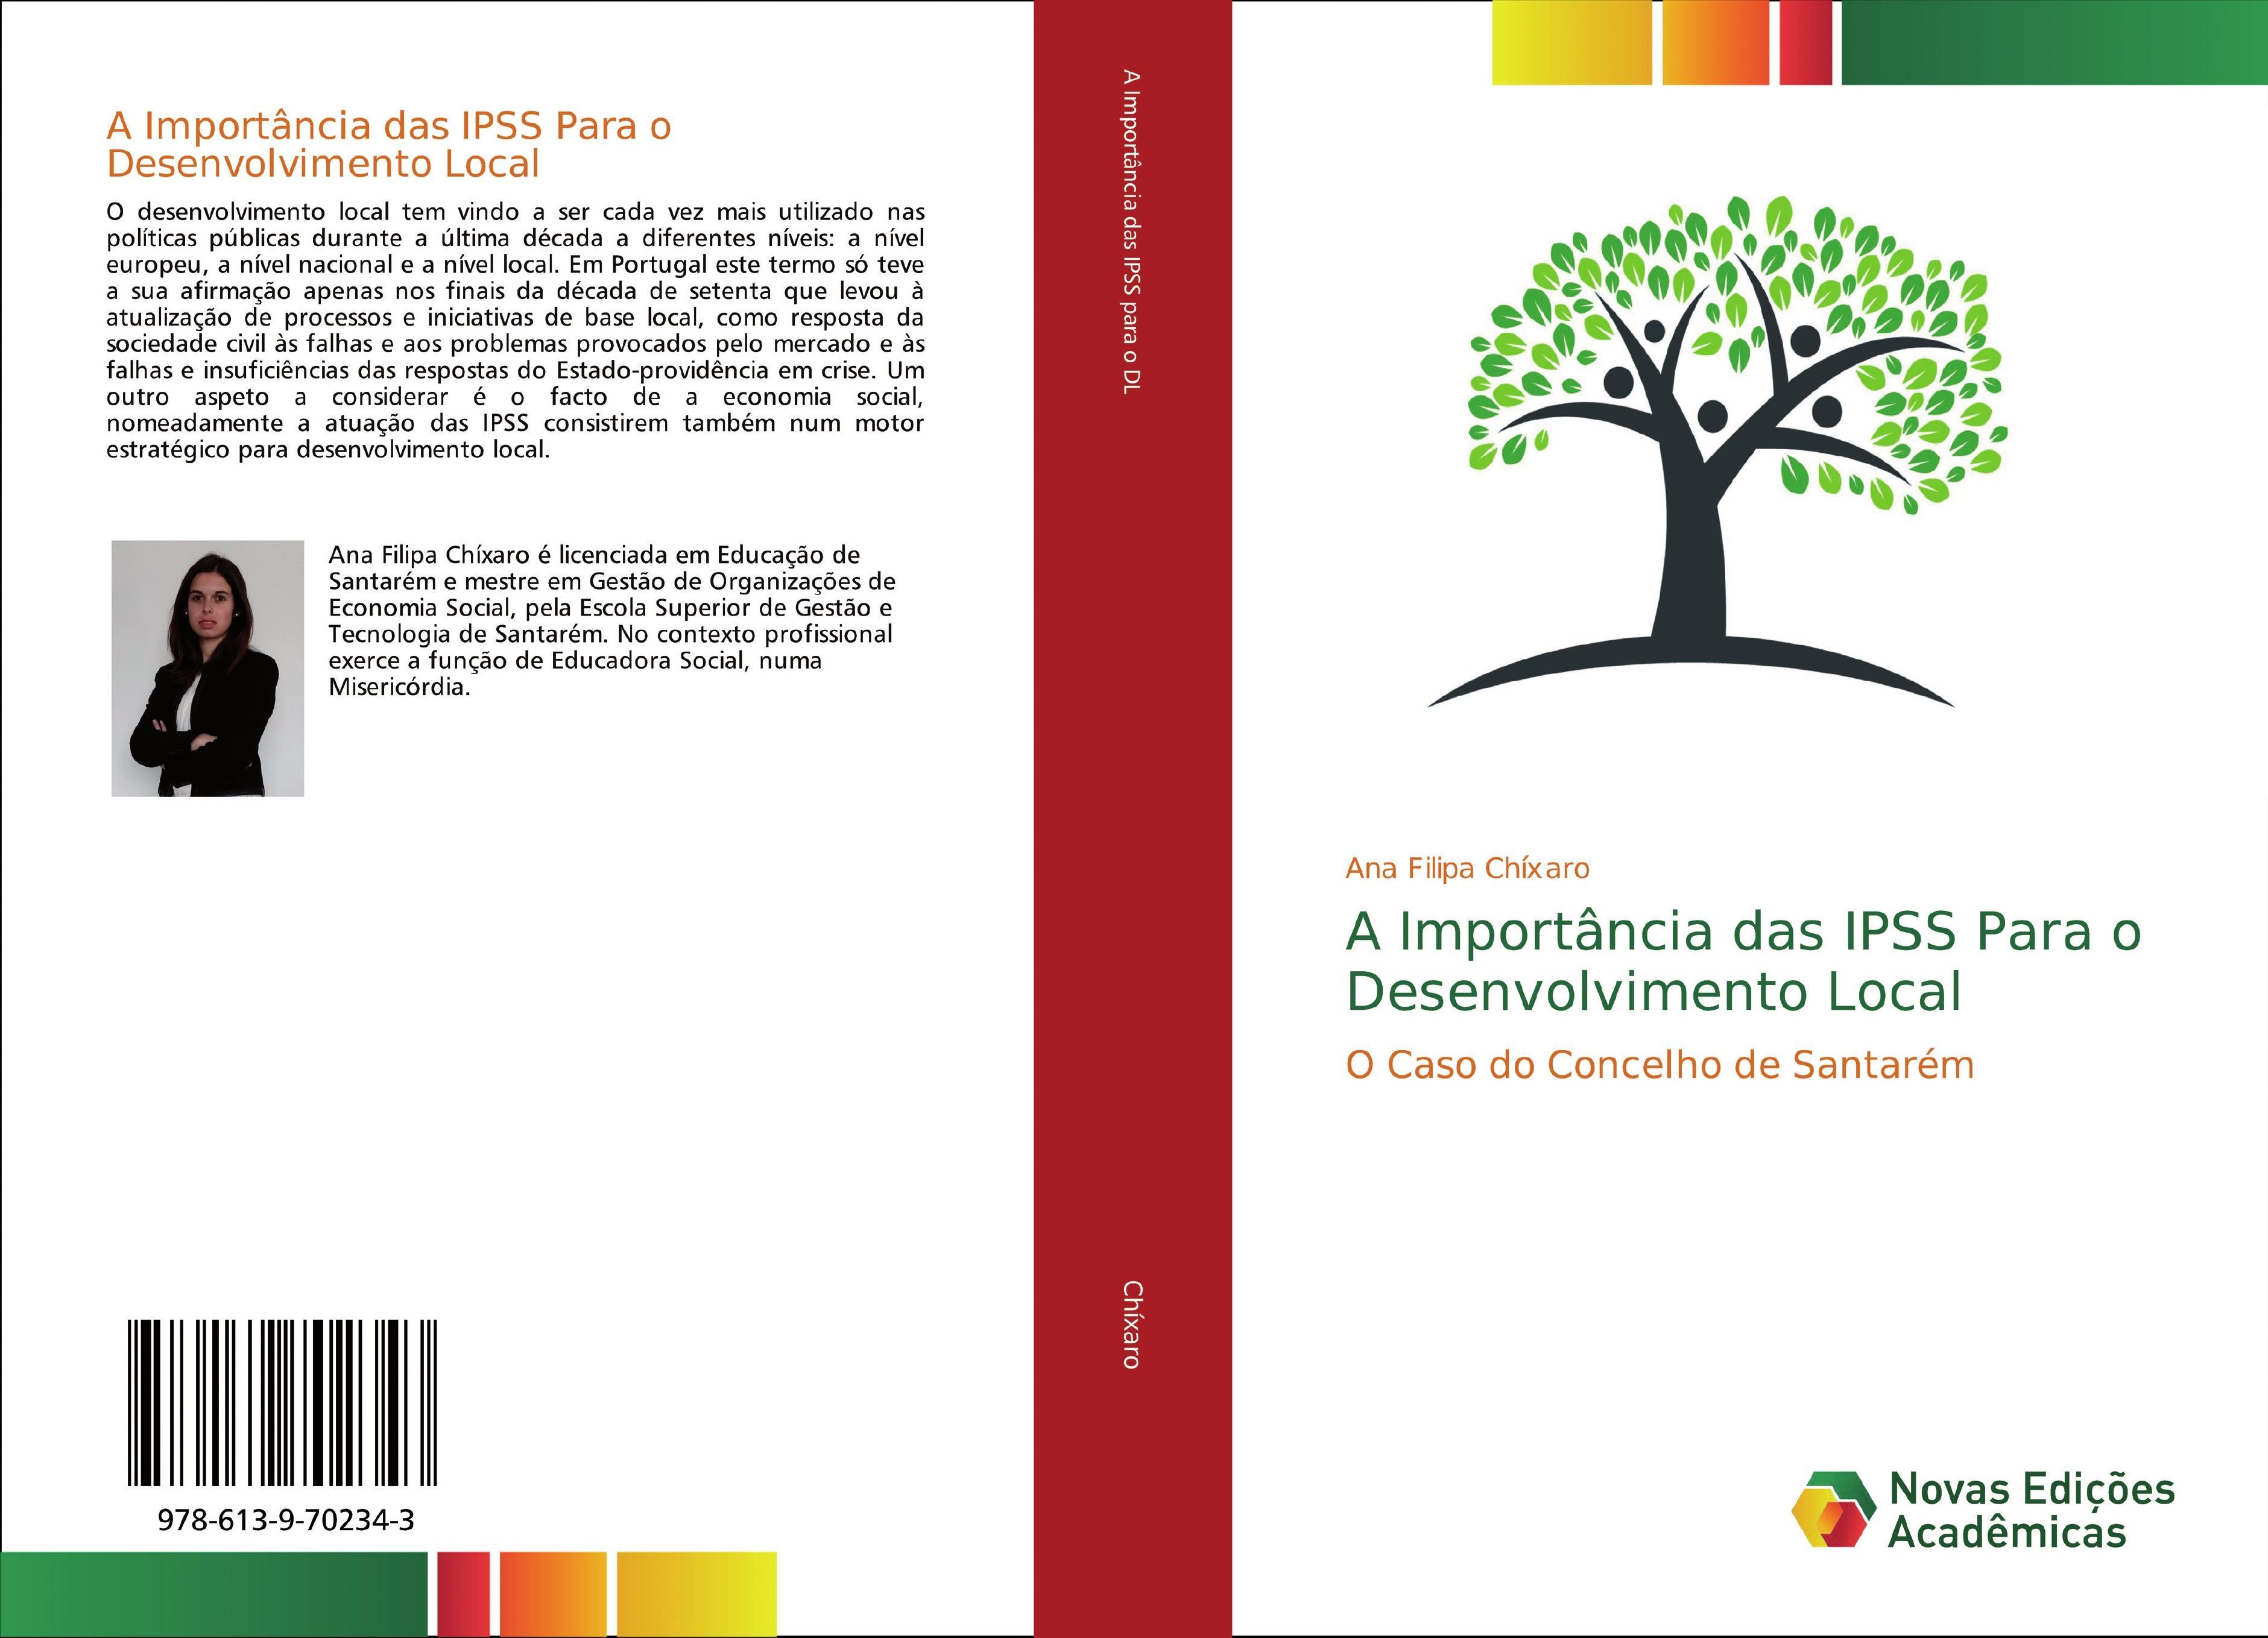 A Importância das IPSS Para o Desenvolvimento Local  O Caso do Concelho de Santarém  Ana Filipa Chíxaro  Taschenbuch  Paperback  Portugiesisch  2019 - Chíxaro, Ana Filipa